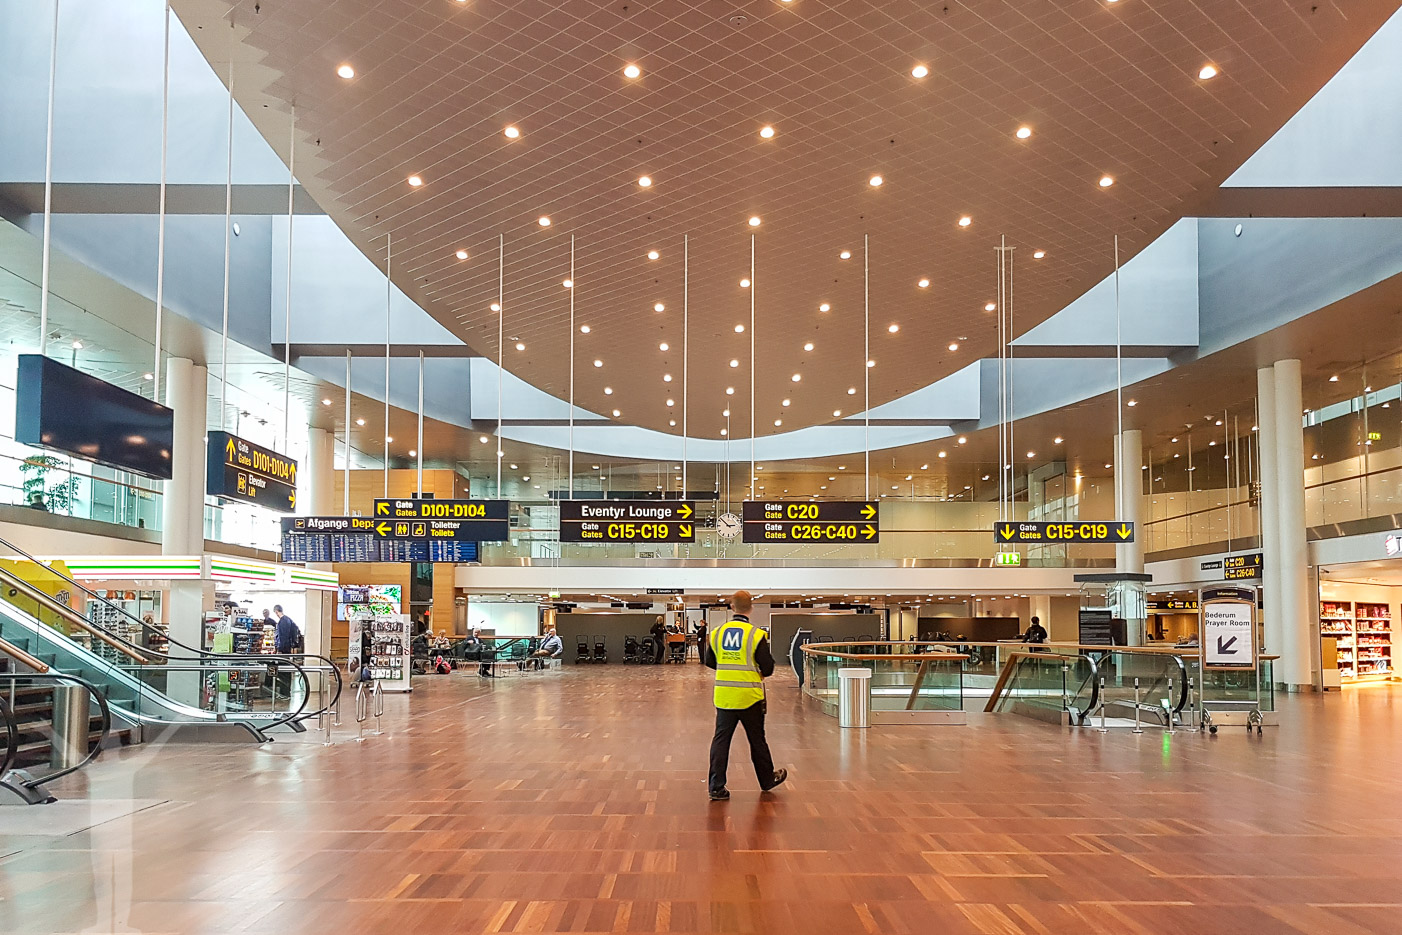 Köpenhamns flygplats, Kastrup